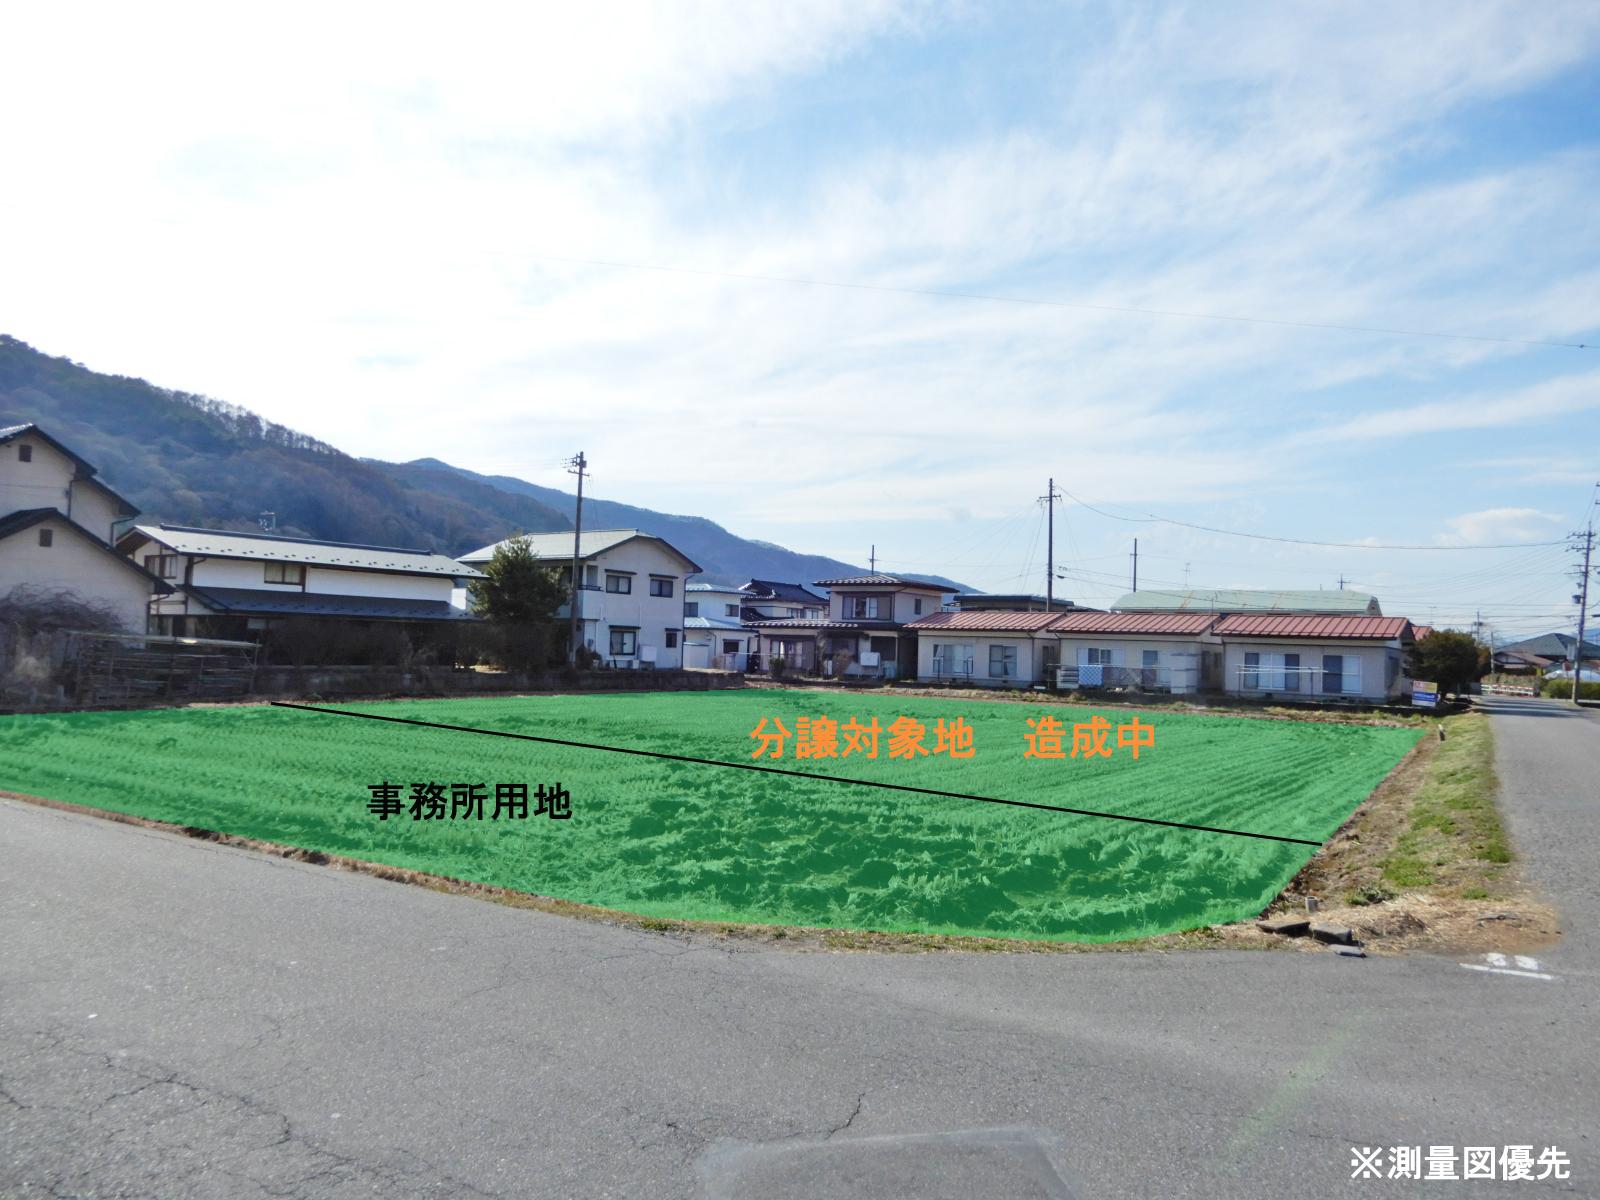 諏訪市中洲神宮寺樋口 C区画のアイキャッチ画像